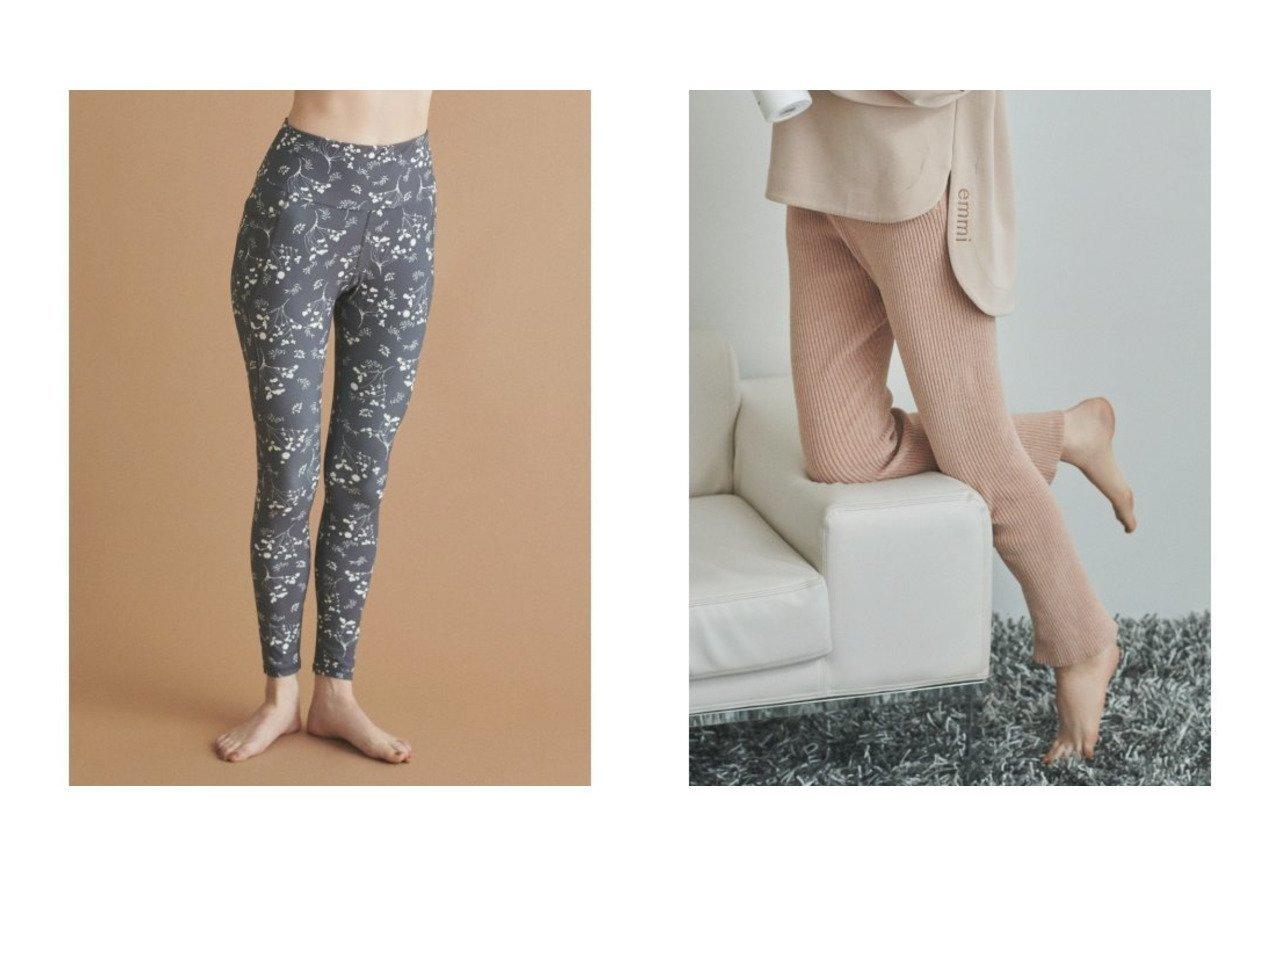 【emmi yoga/エミ ヨガ】の【emmi yoga】ウィンターフラワーレギンス&【emmi yoga】モールニットパンツ スポーツ・ヨガウェア、運動・ダイエットグッズなどのおすすめ!人気、トレンド・レディースファッションの通販 おすすめで人気の流行・トレンド、ファッションの通販商品 メンズファッション・キッズファッション・インテリア・家具・レディースファッション・服の通販 founy(ファニー) https://founy.com/ ファッション Fashion レディースファッション WOMEN パンツ Pants レギンス Leggings タイツ Tights タイツ バランス 再入荷 Restock/Back in Stock/Re Arrival 吸水 ウォッシャブル スマート セットアップ リボン |ID:crp329100000020508